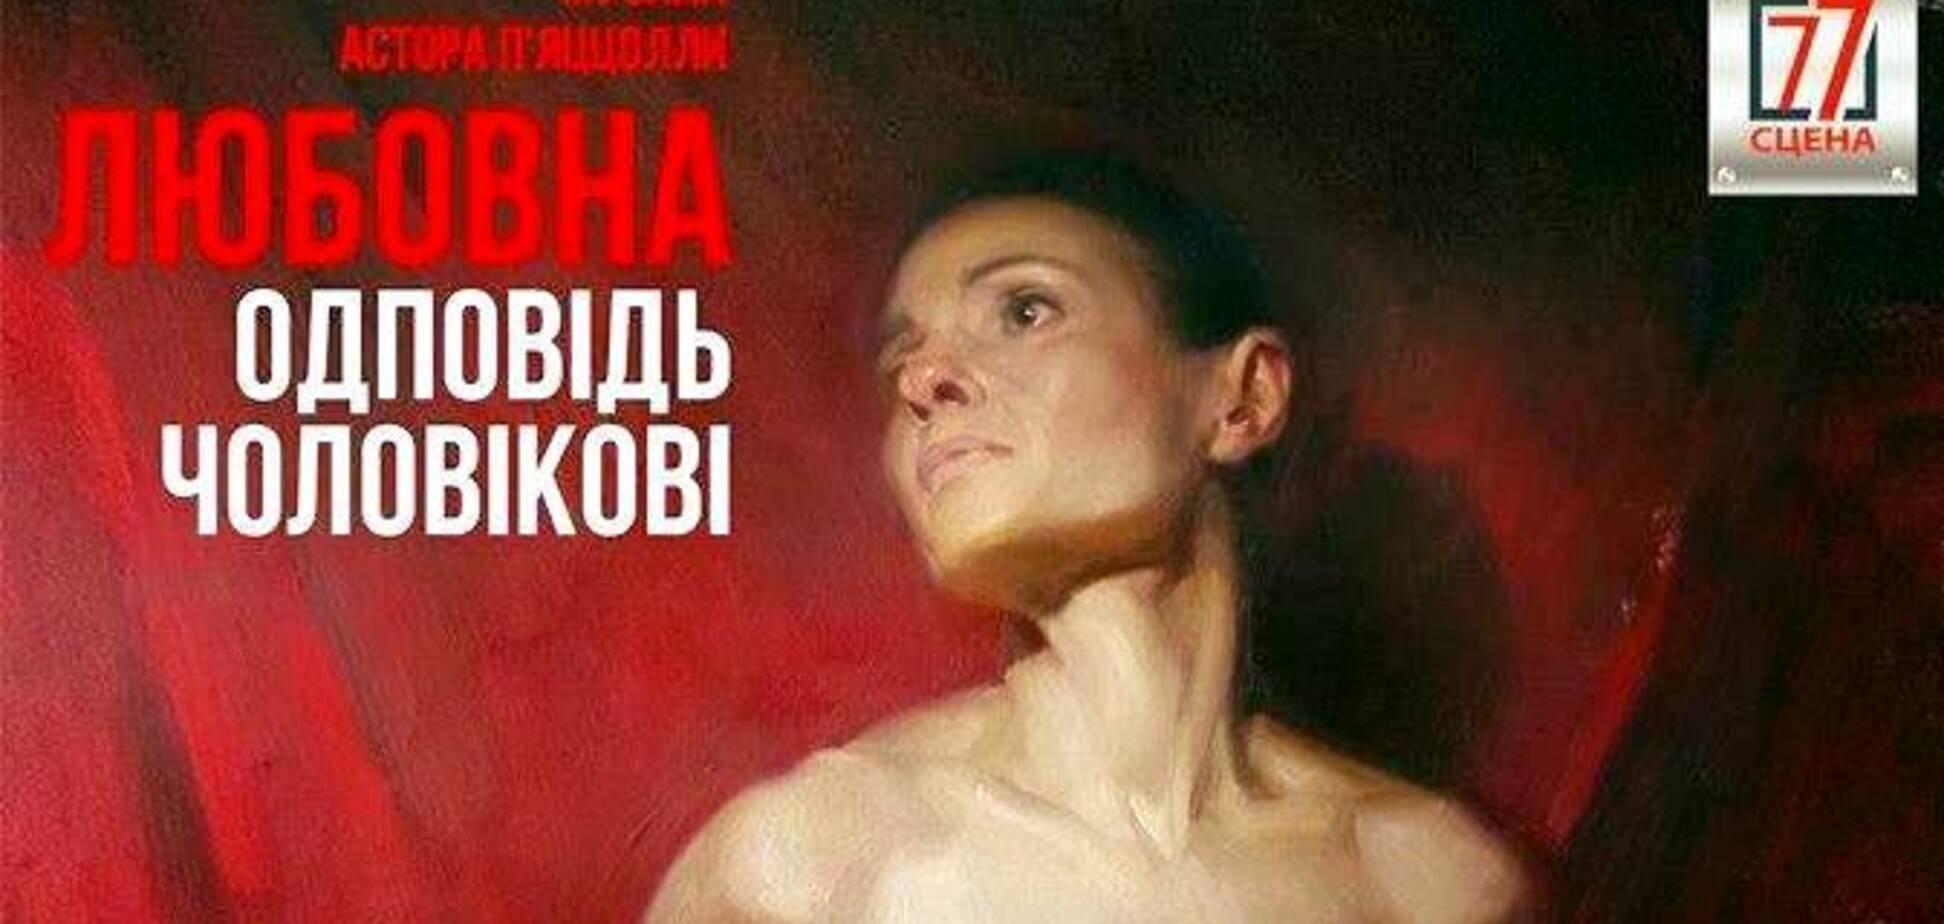 На новій 'Сцені 77' Нацоперетти України покажуть моновиставу 'Любовна одповідь чоловікові'